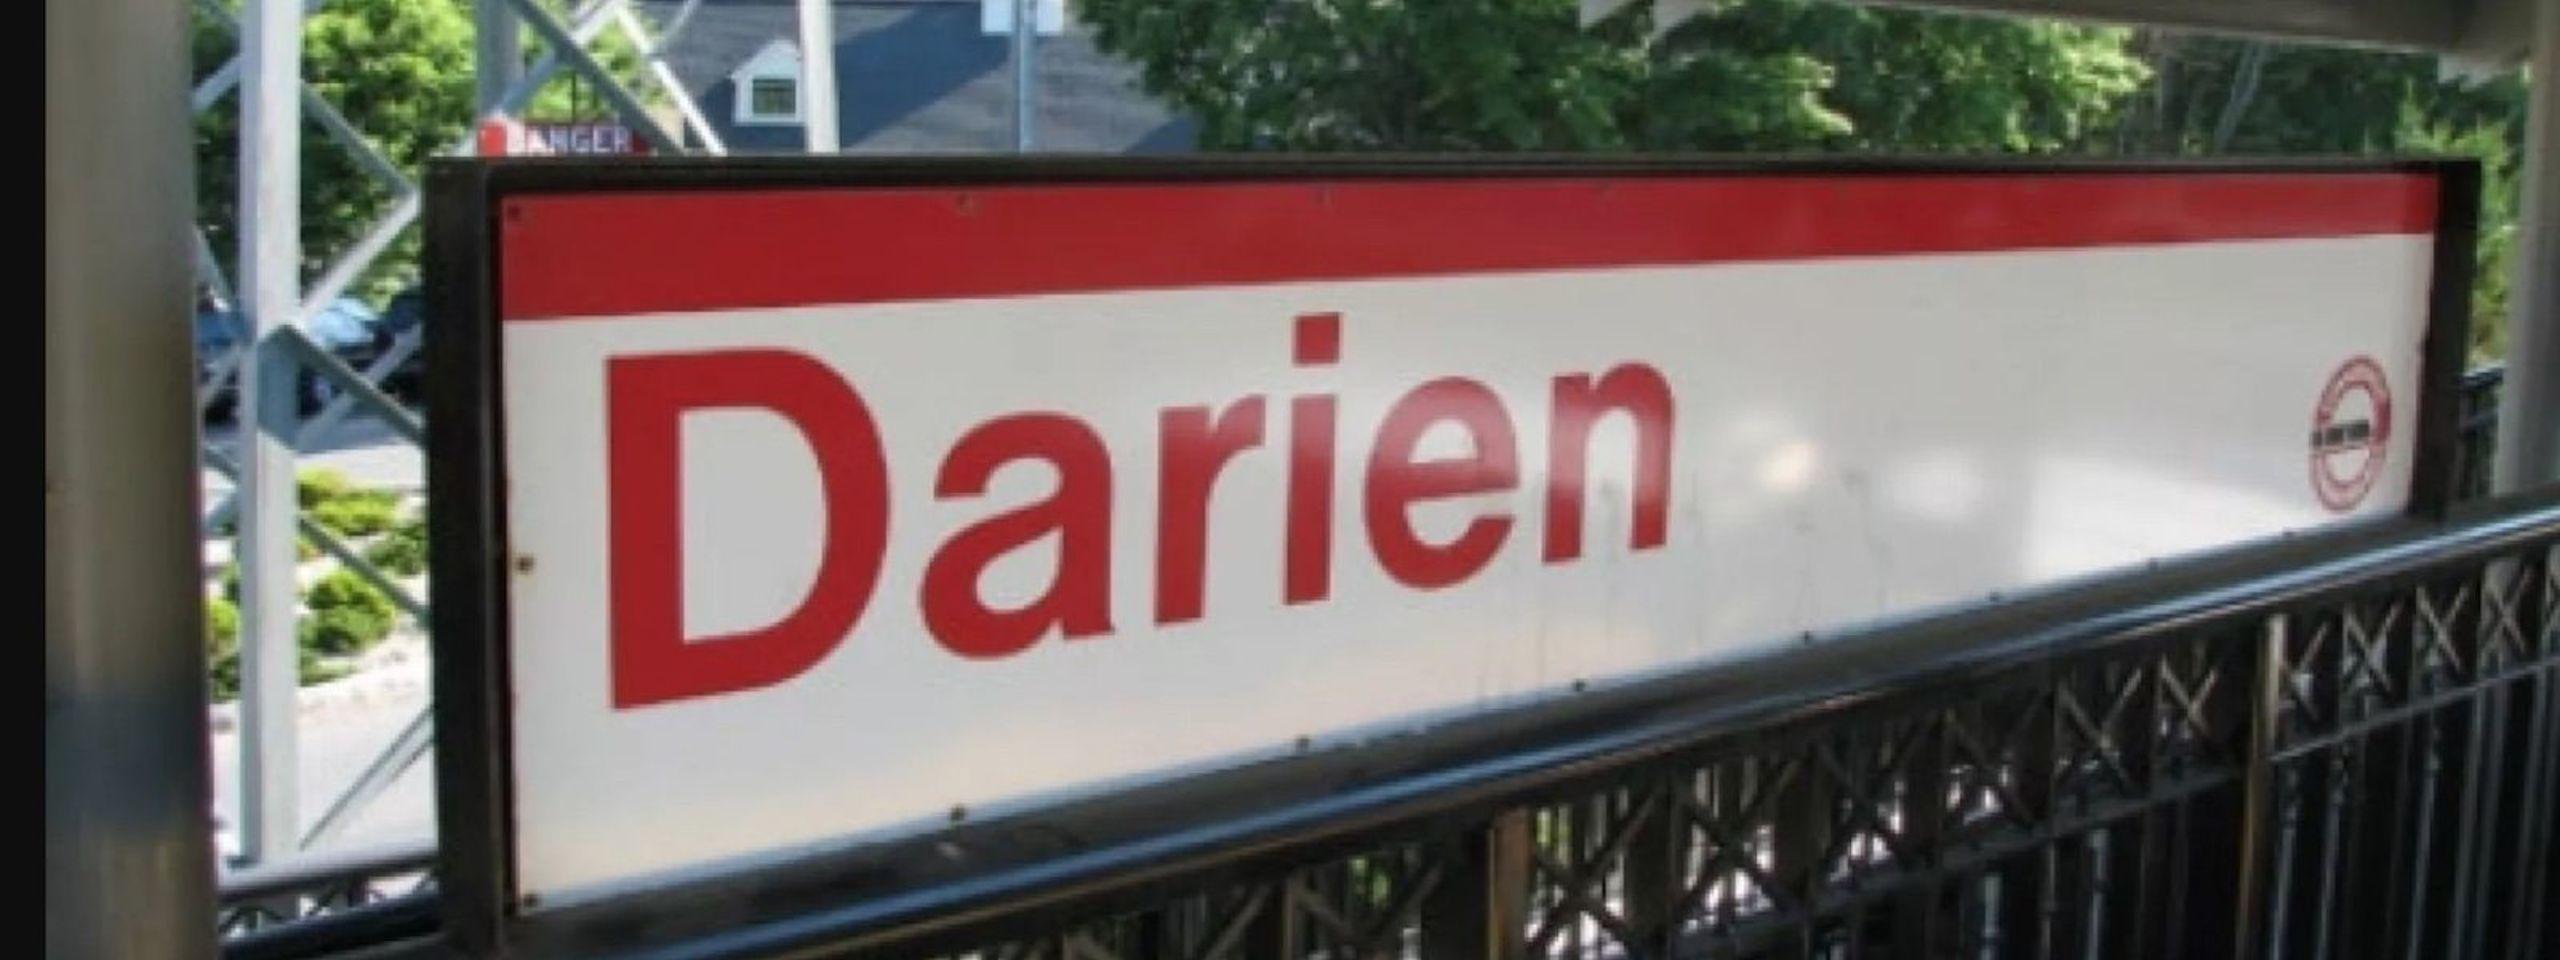 Darien, CT Homes For Sale | Michael Teng at Keller Williams